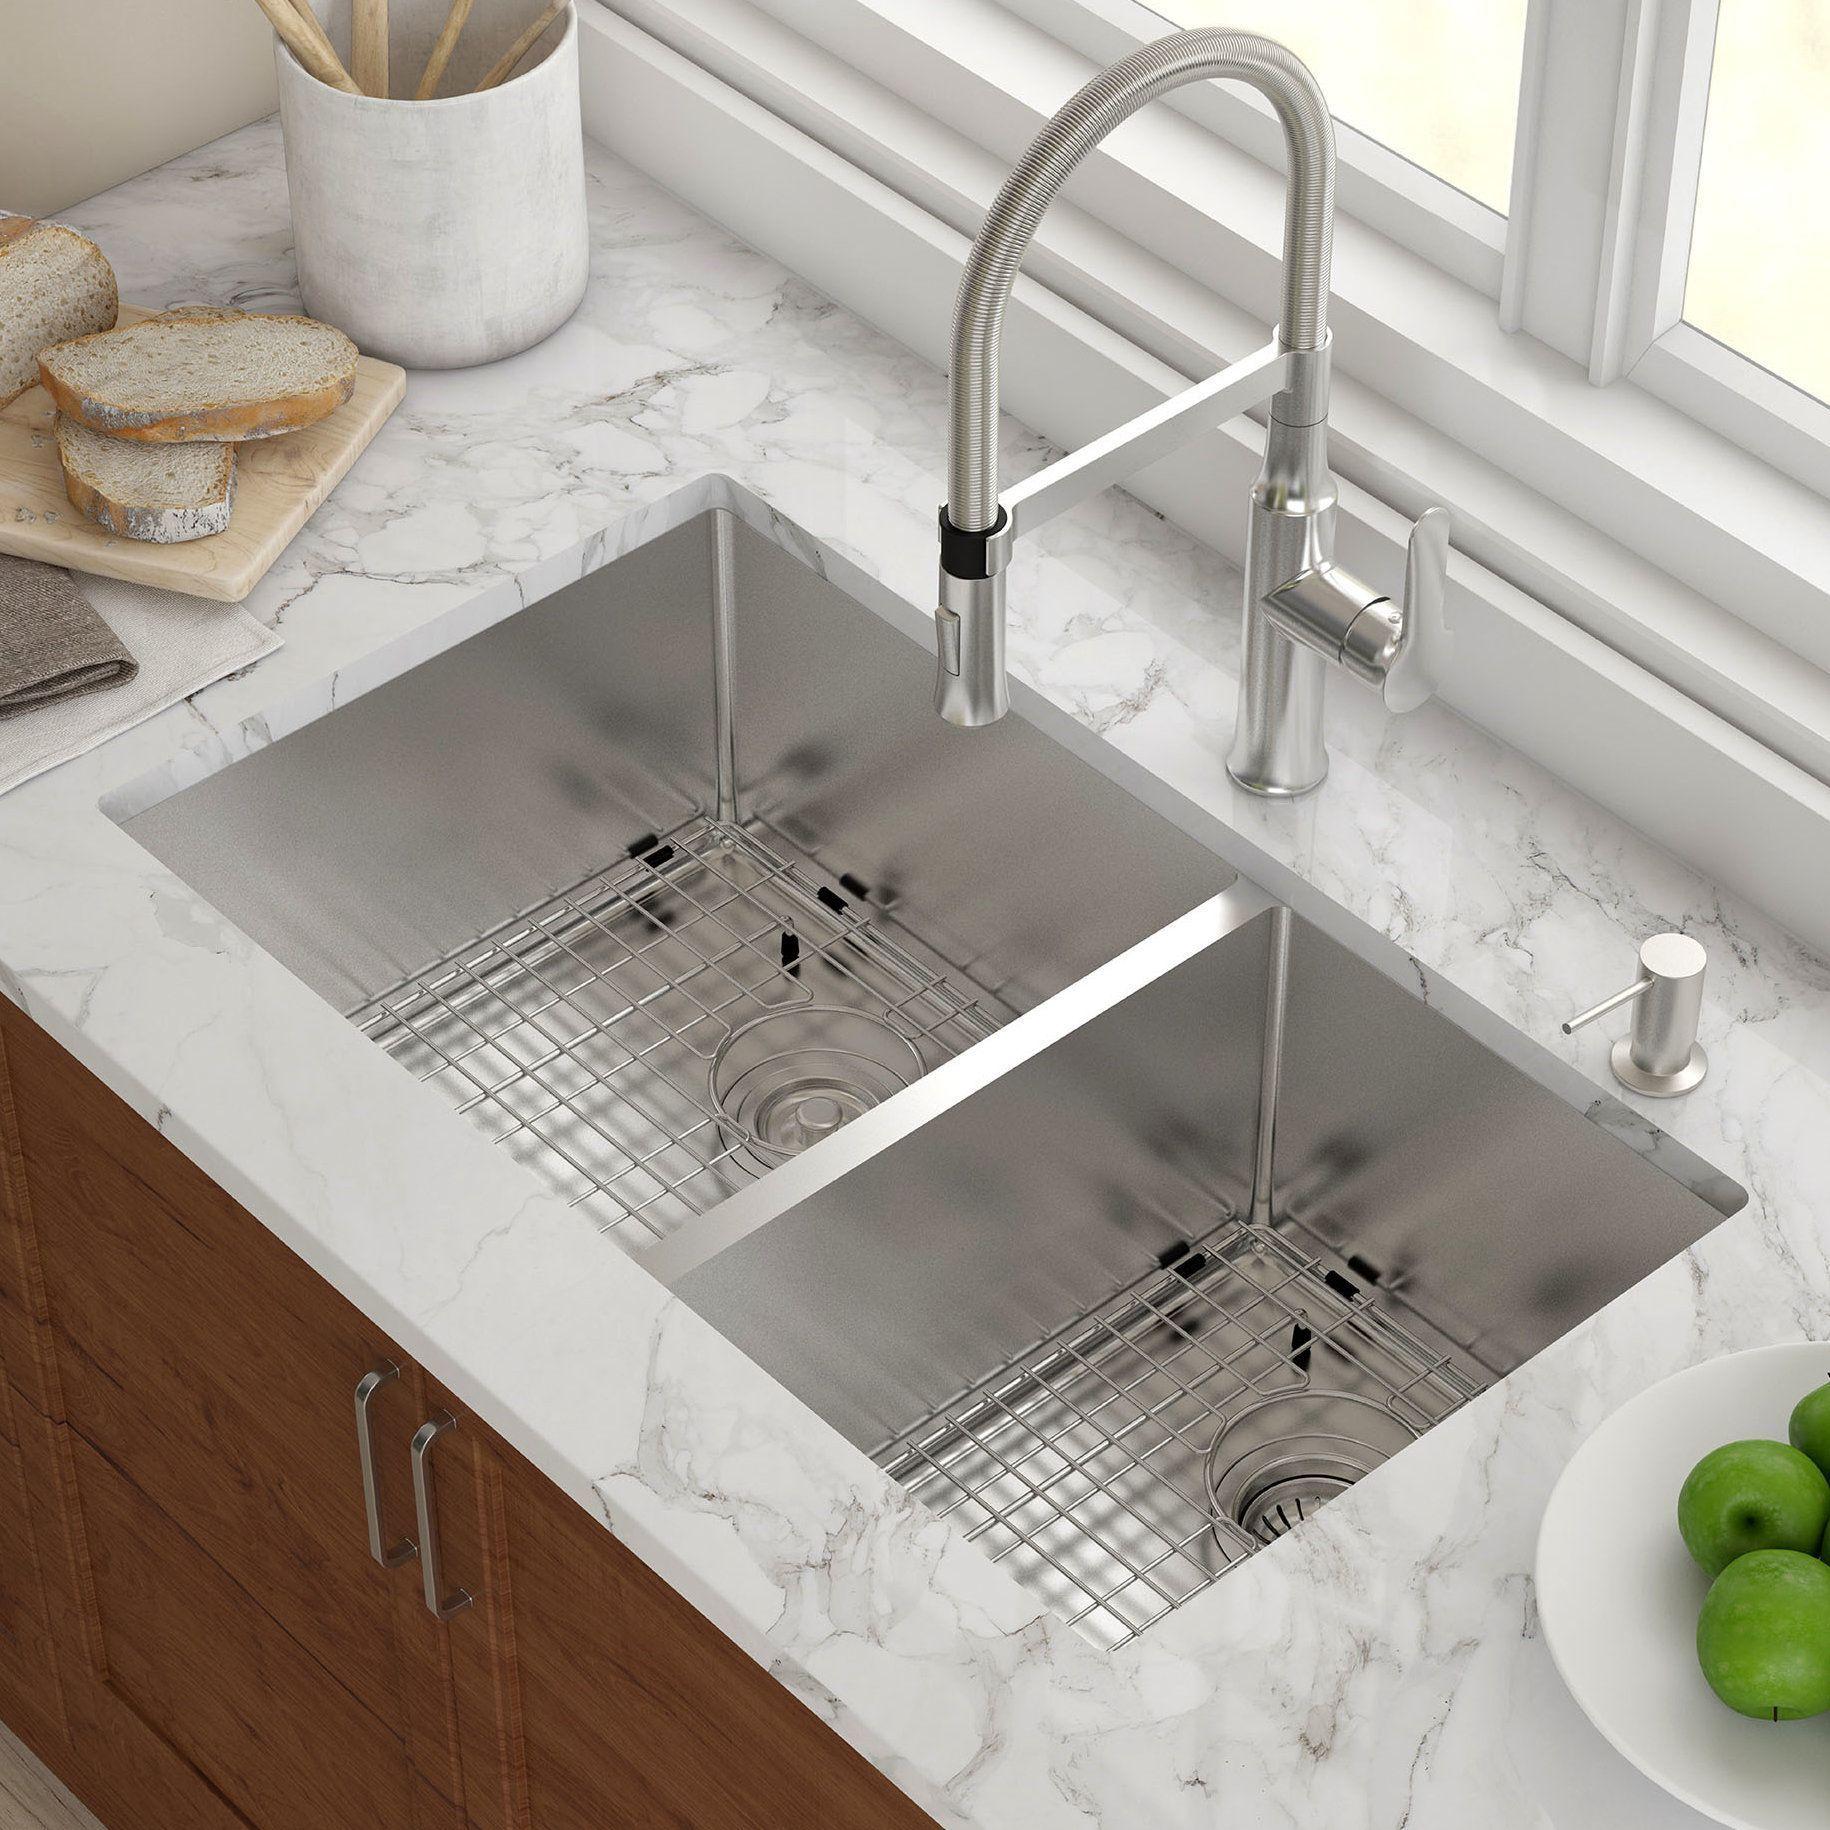 Standart Pro 33 L X 19 W Double Basin Undermount Kitchen Sink With Basket Strainer Best Kitchen Designs Kitchen Design Kitchen Remodel